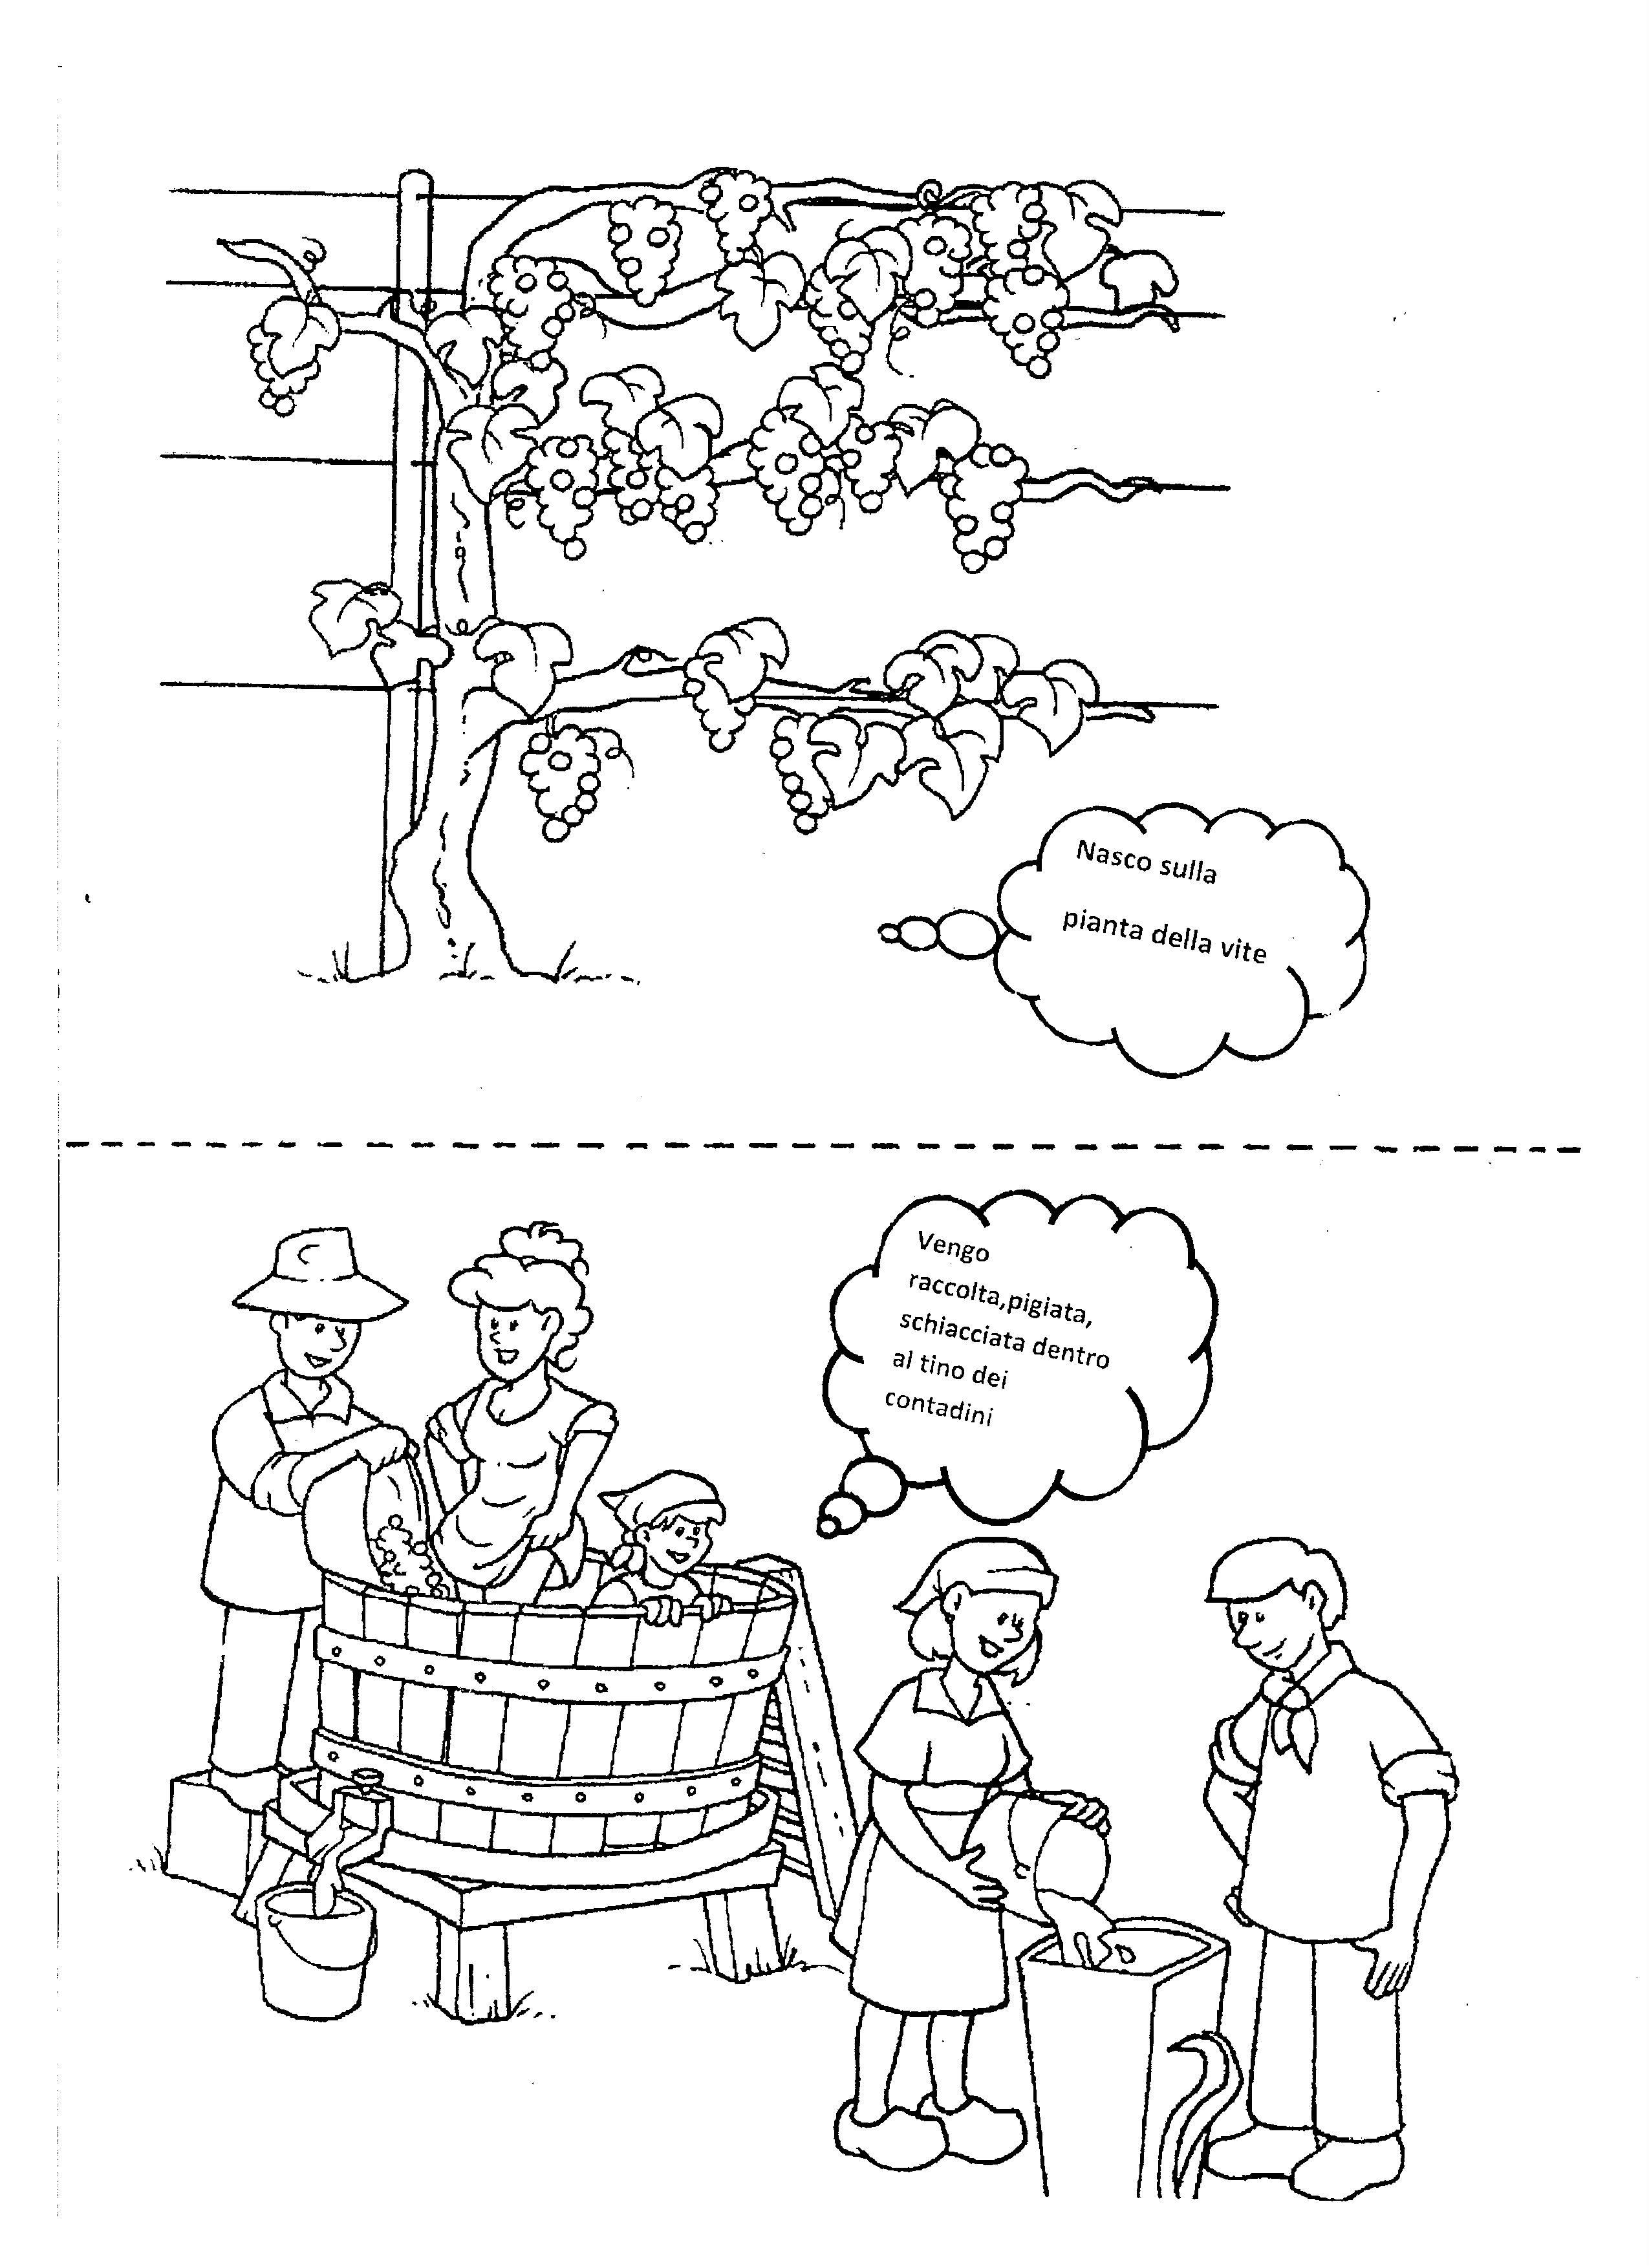 San martino disegni da colorare conversione di san paolo - Mike le pagine da colorare cavaliere ...